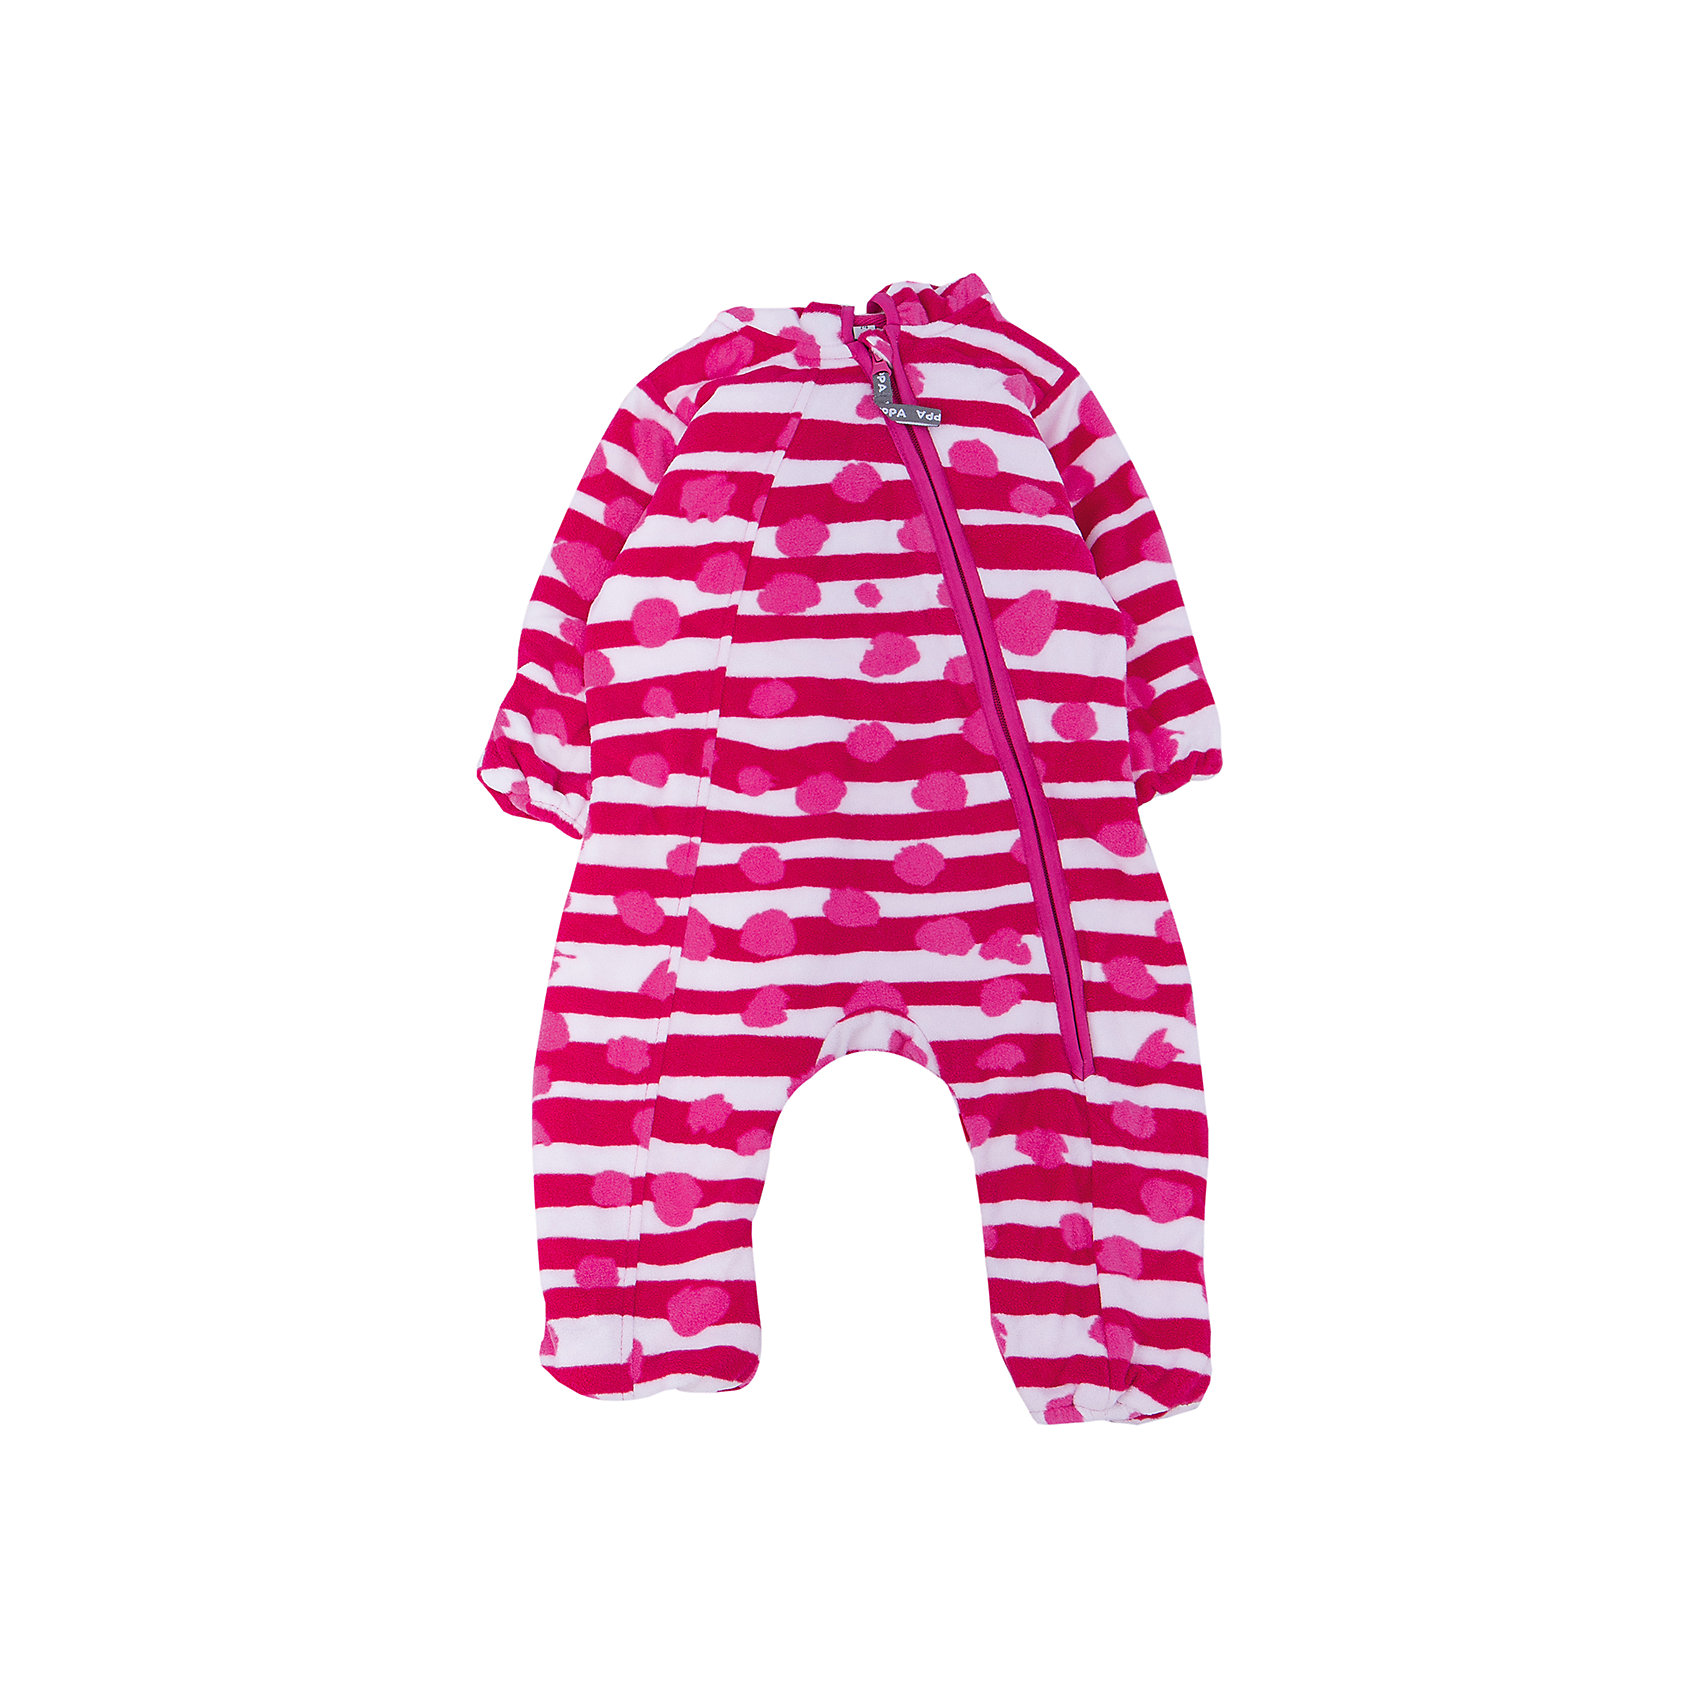 Комбинезон флисовый для девочки HuppaФлисовый комбинезон DANDY Huppa(Хуппа) имеет капюшон и застегивается на молнию по диагонали. На манжетах и талии есть резинки, надежно защищающие малыша от попадания ветра под одежду. Комбинезон достаточно теплый, хорошо сидит по фигуре и отлично подойдет в качестве промежуточного слоя в одежде в зимнее время или как верхняя одежда весной-осенью.<br><br>Дополнительная информация:<br>Материал: 100% полиэстер<br>Цвет: фуксия/белый<br>Флисовый комбинезон DANDY Huppa(Хуппа) вы можете приобрести в нашем интернет-магазине<br><br>Ширина мм: 356<br>Глубина мм: 10<br>Высота мм: 245<br>Вес г: 519<br>Цвет: розовый<br>Возраст от месяцев: 6<br>Возраст до месяцев: 9<br>Пол: Женский<br>Возраст: Детский<br>Размер: 74,86,80,68,62<br>SKU: 4928592